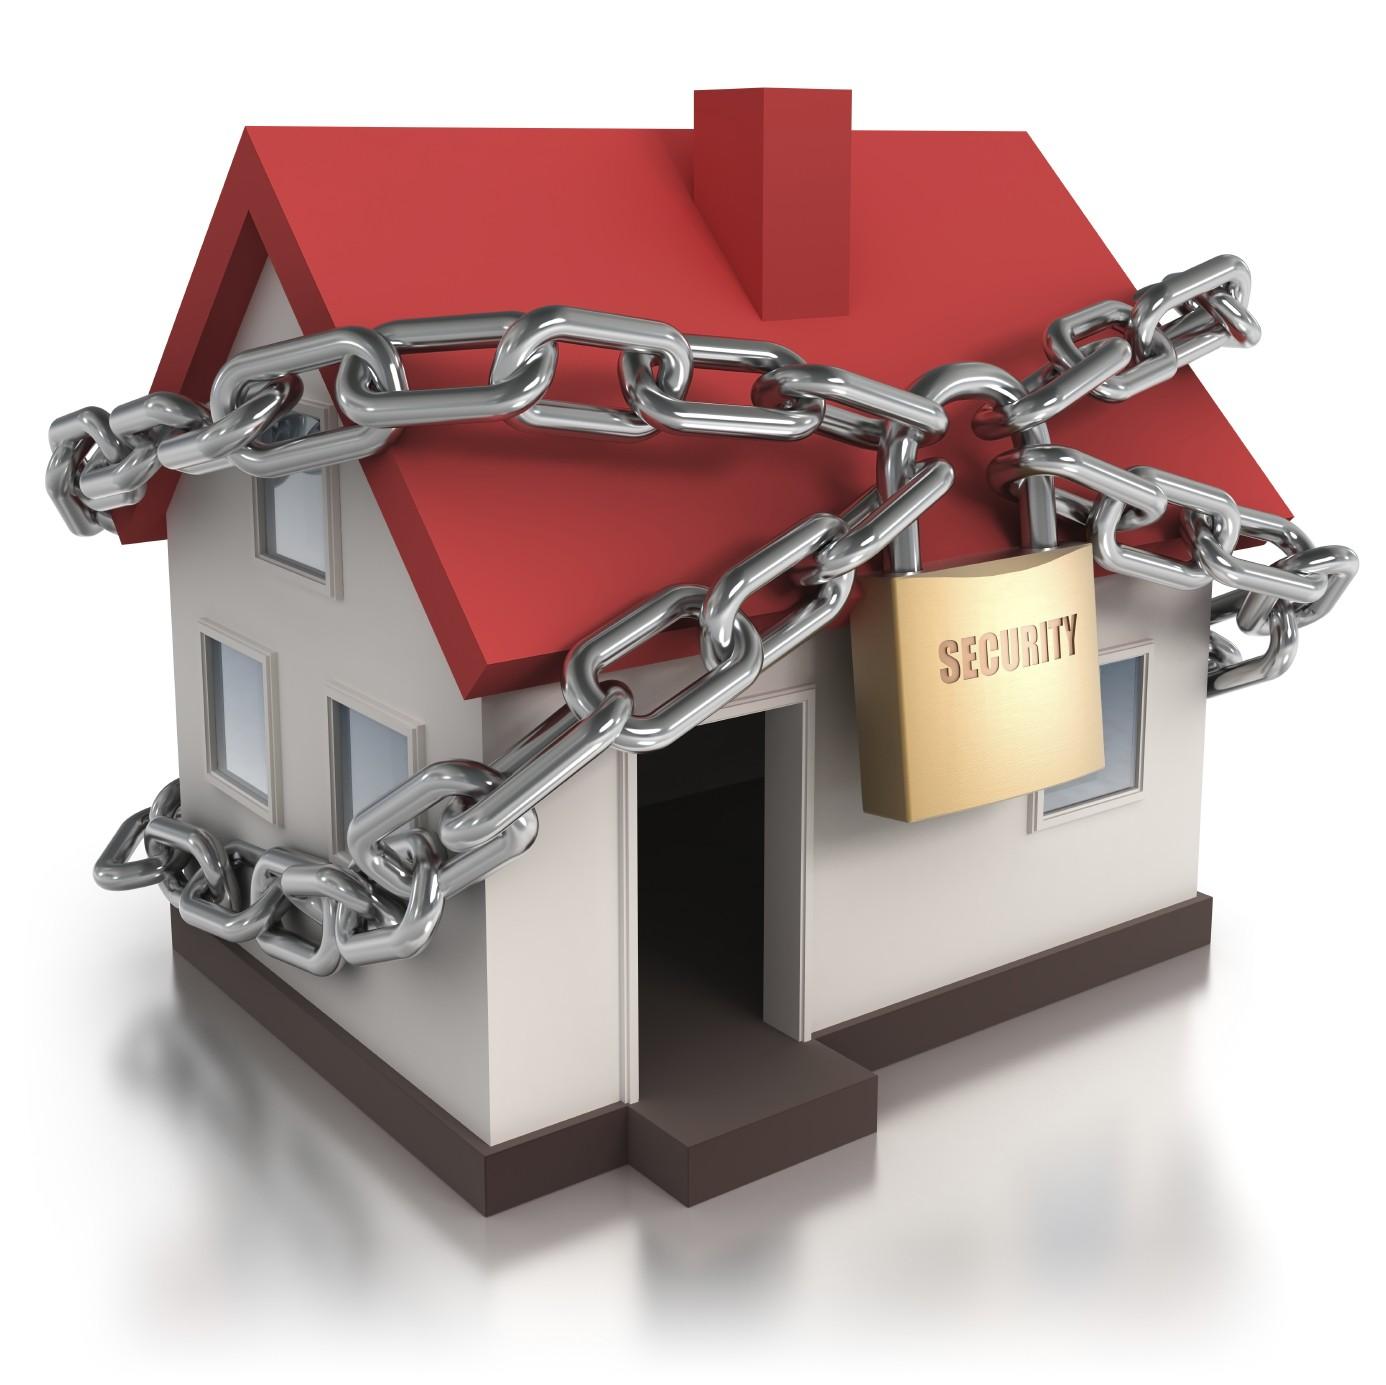 Sau khi bị cưỡng chế kê biên tài sản thì tài sản được xử lý thế nào?